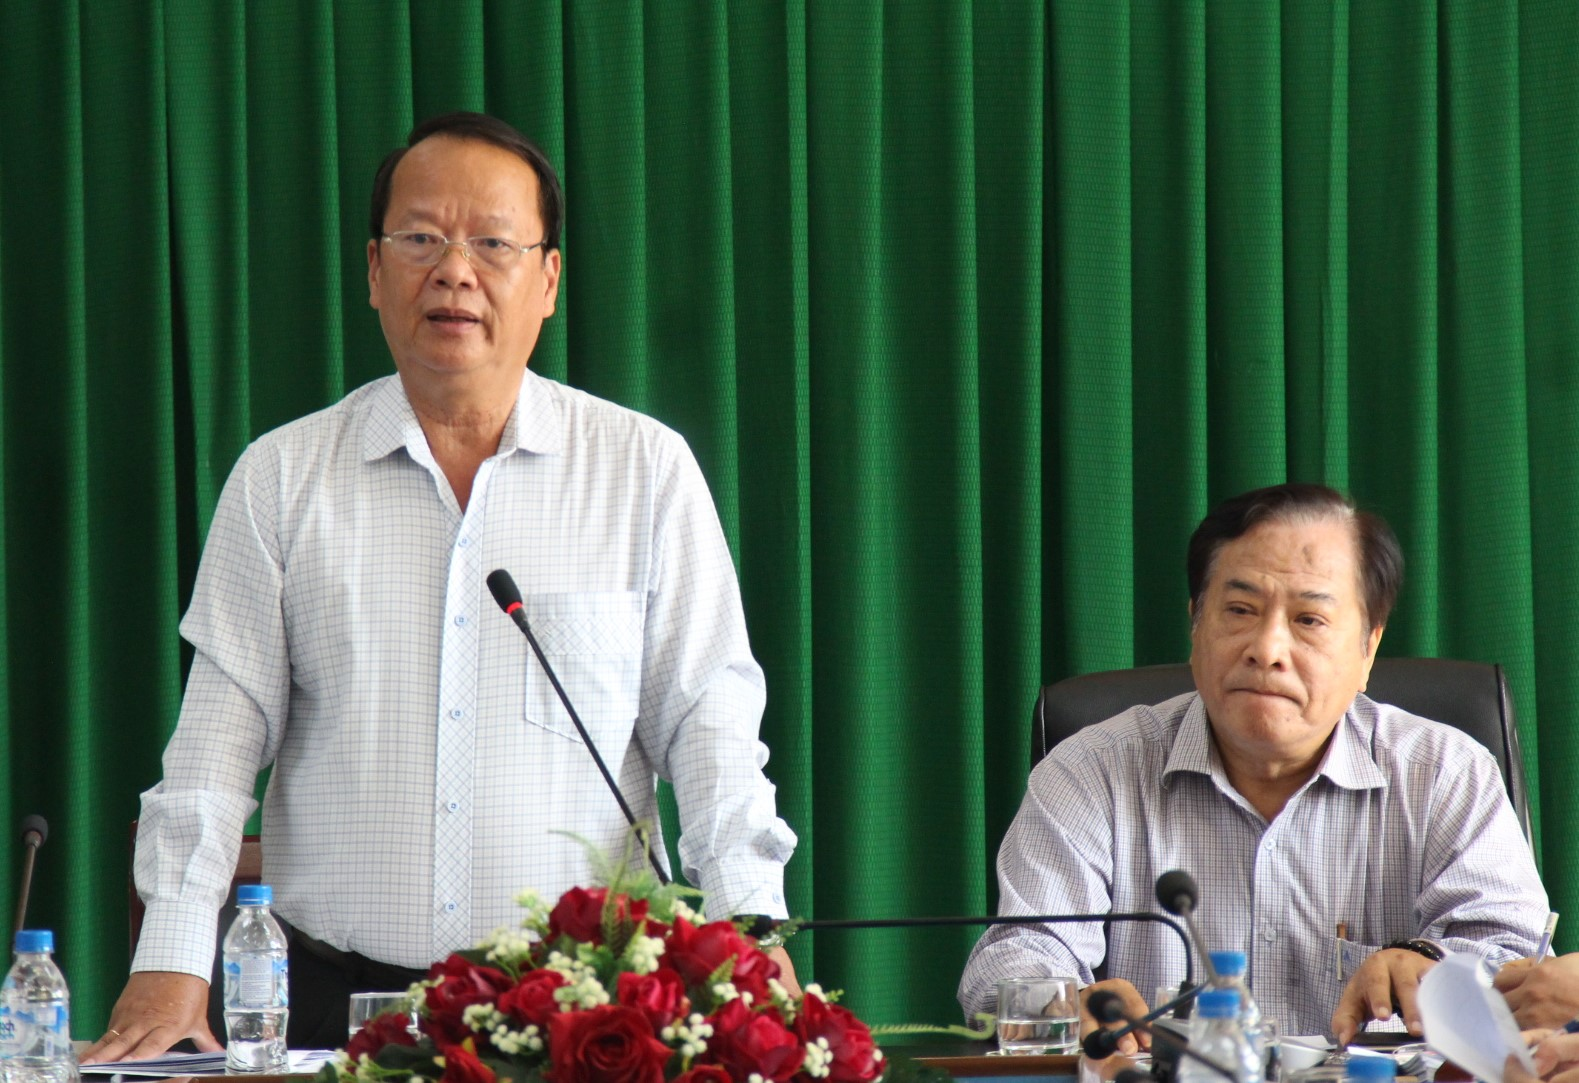 Giám sát việc chấp hành các quy định pháp luật về tố tụng hành chính tại UBND thành phố Buôn Ma Thuột